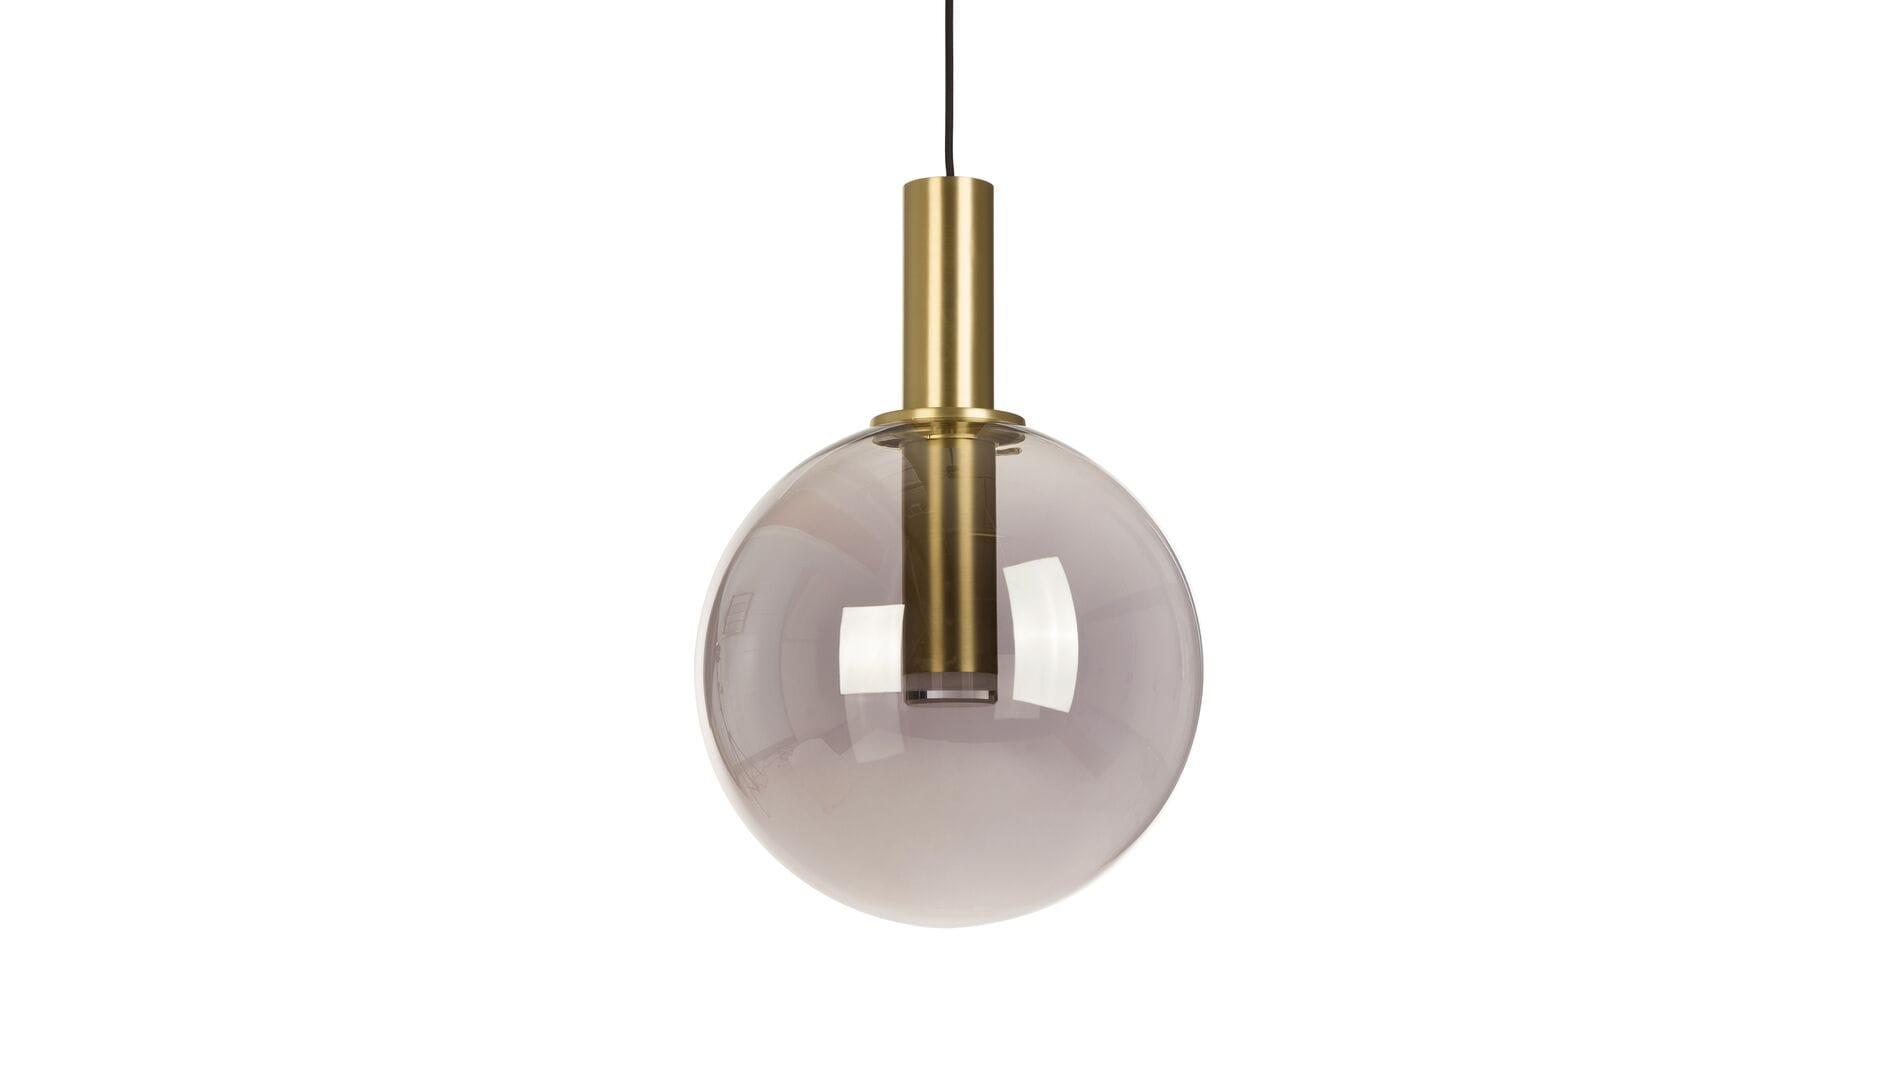 Подвесной светильник Glazgo диаметр 35